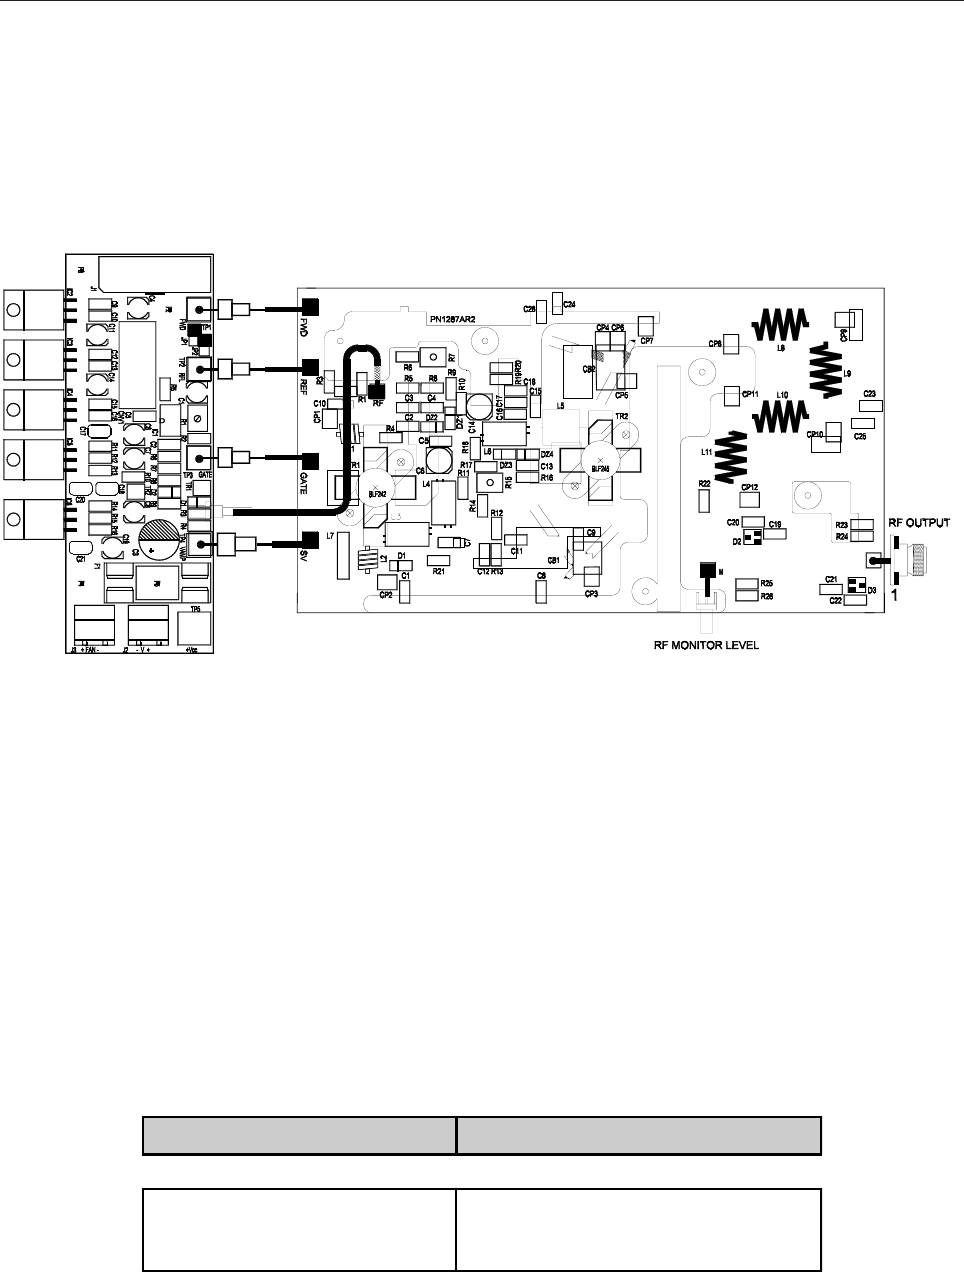 Elettronika S r l MIZAR30 30 Watt FM Broadcast Transmitter